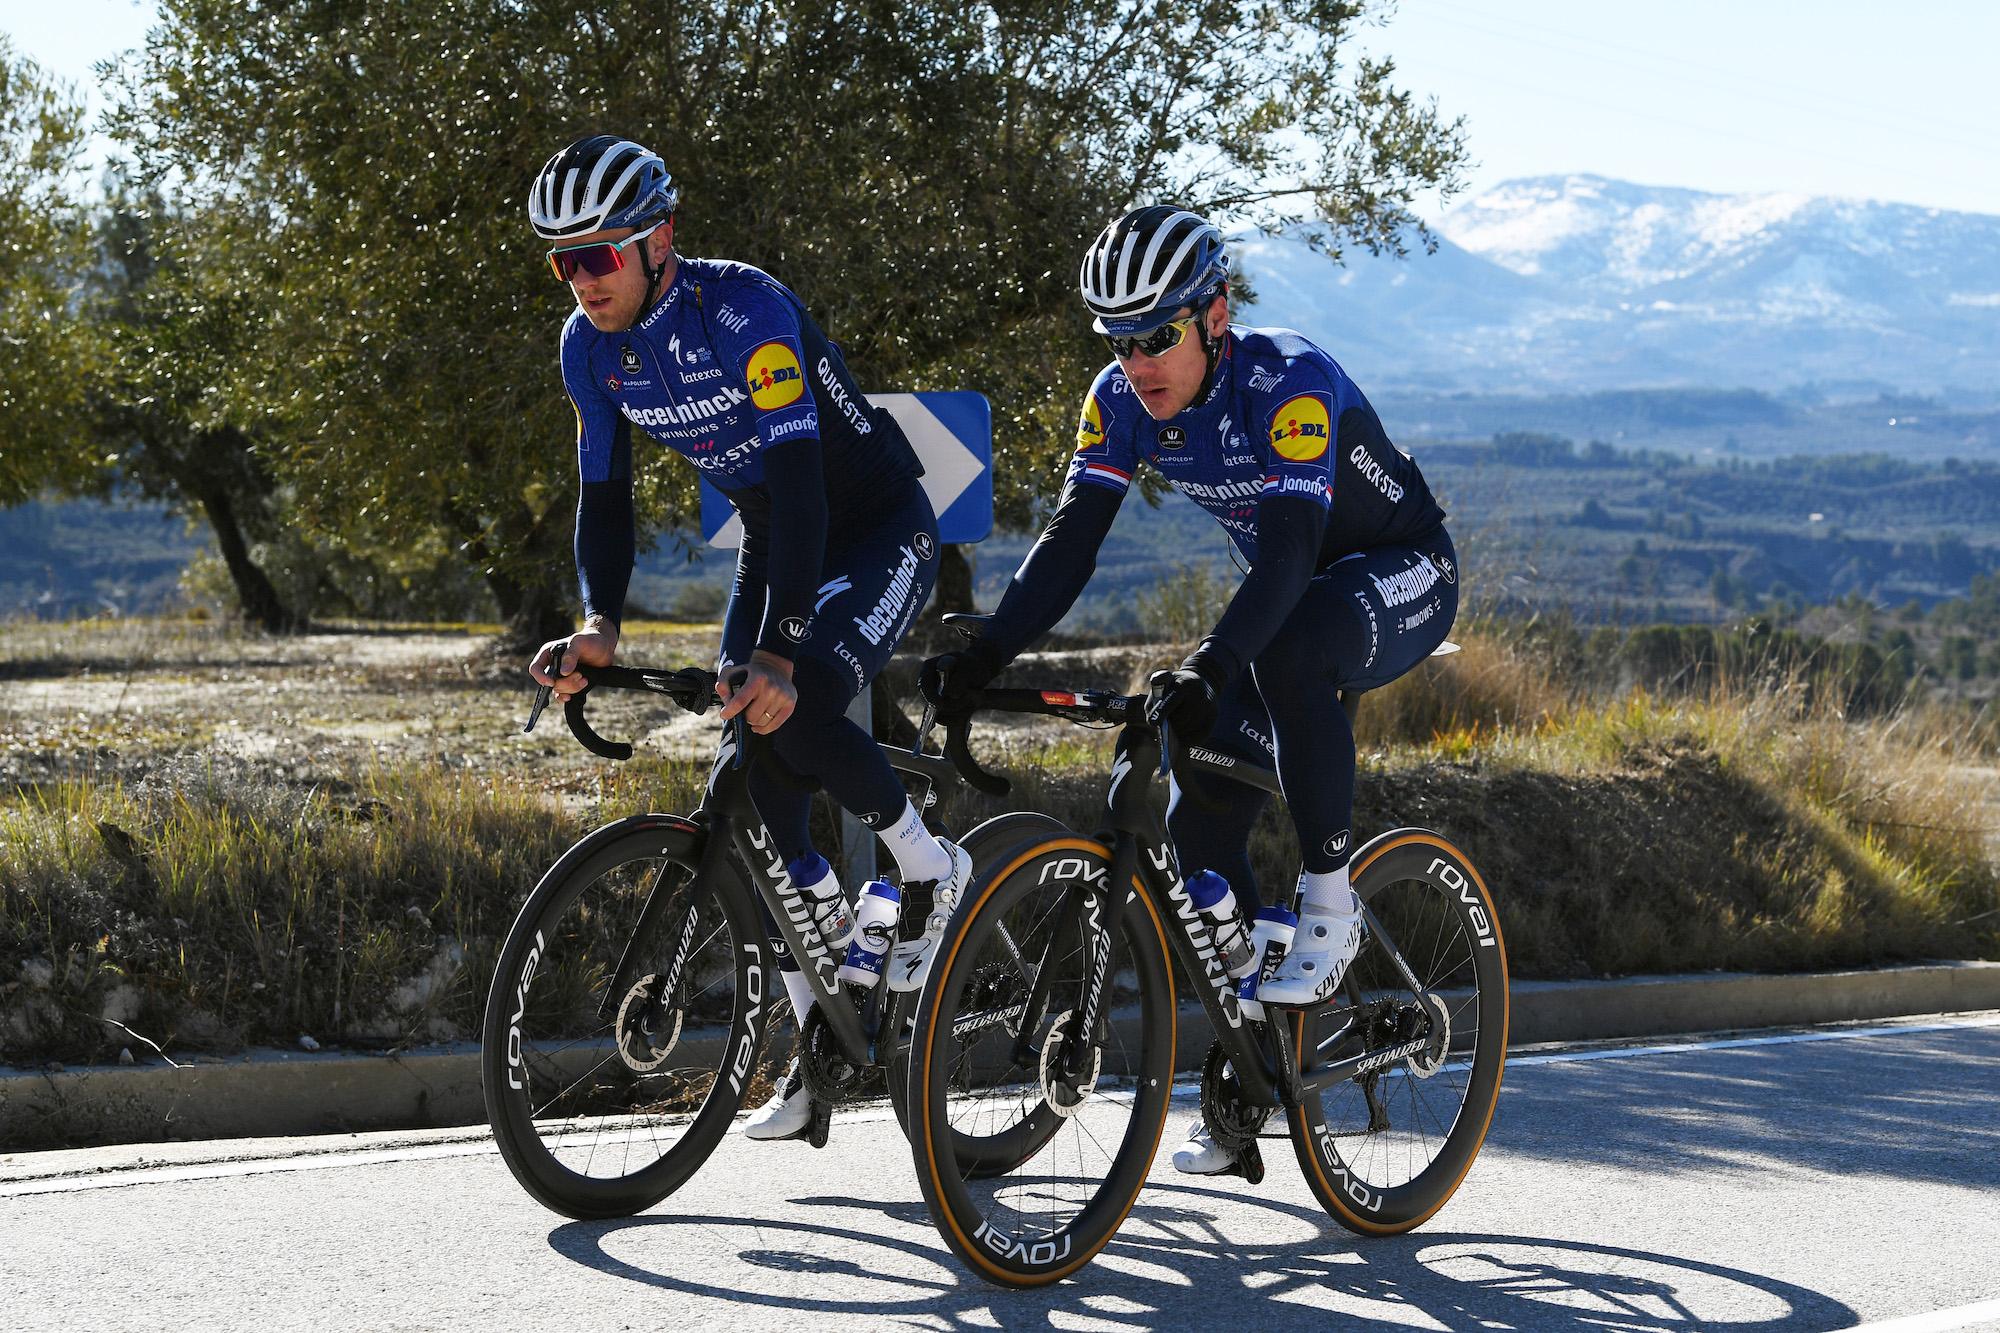 'Estoy aquí para volver a aprender a confiar en mis compañeros': Fabio Jakobsen listo para el regreso a las carreras